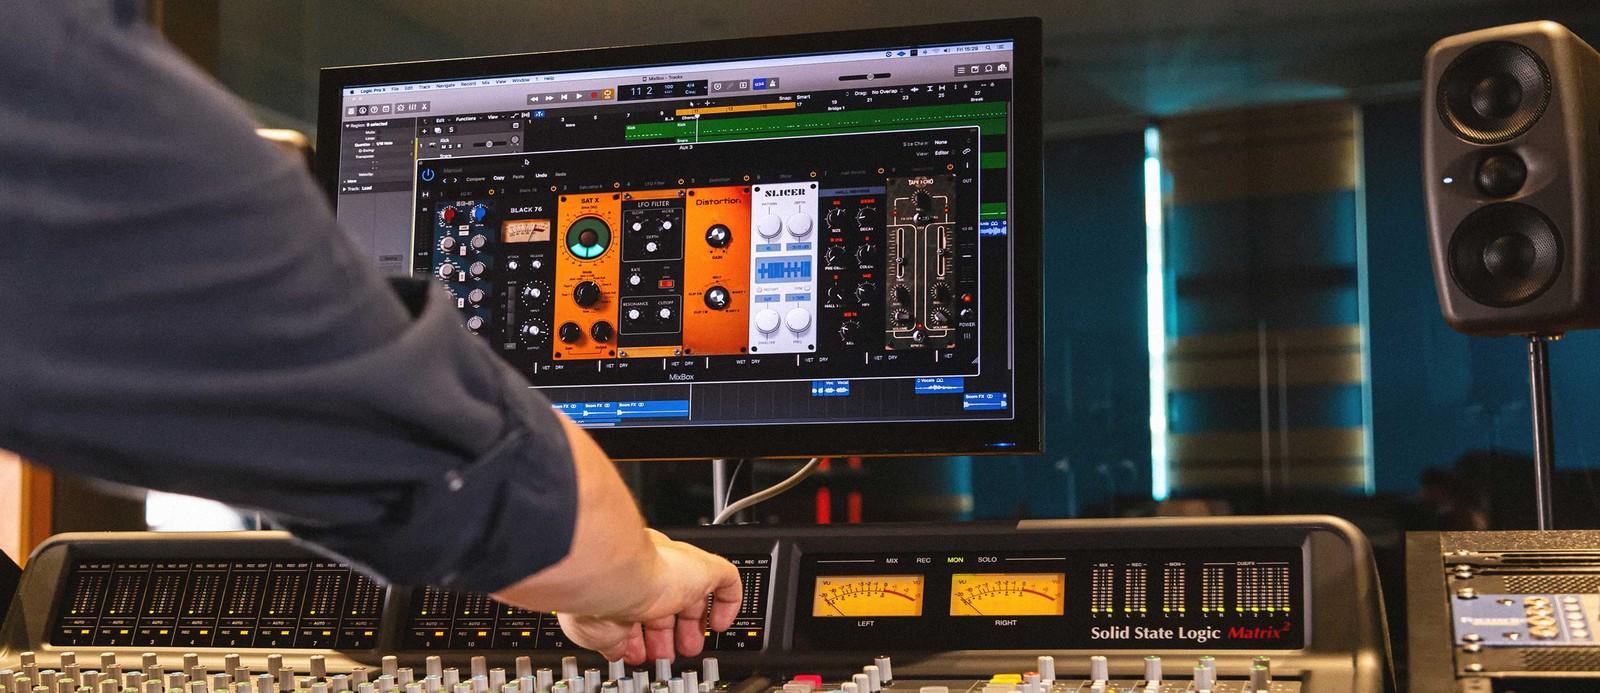 IK Multimedia MixBox объединяет все необходимые каждому продюсеру плагины в едином интерфейсе